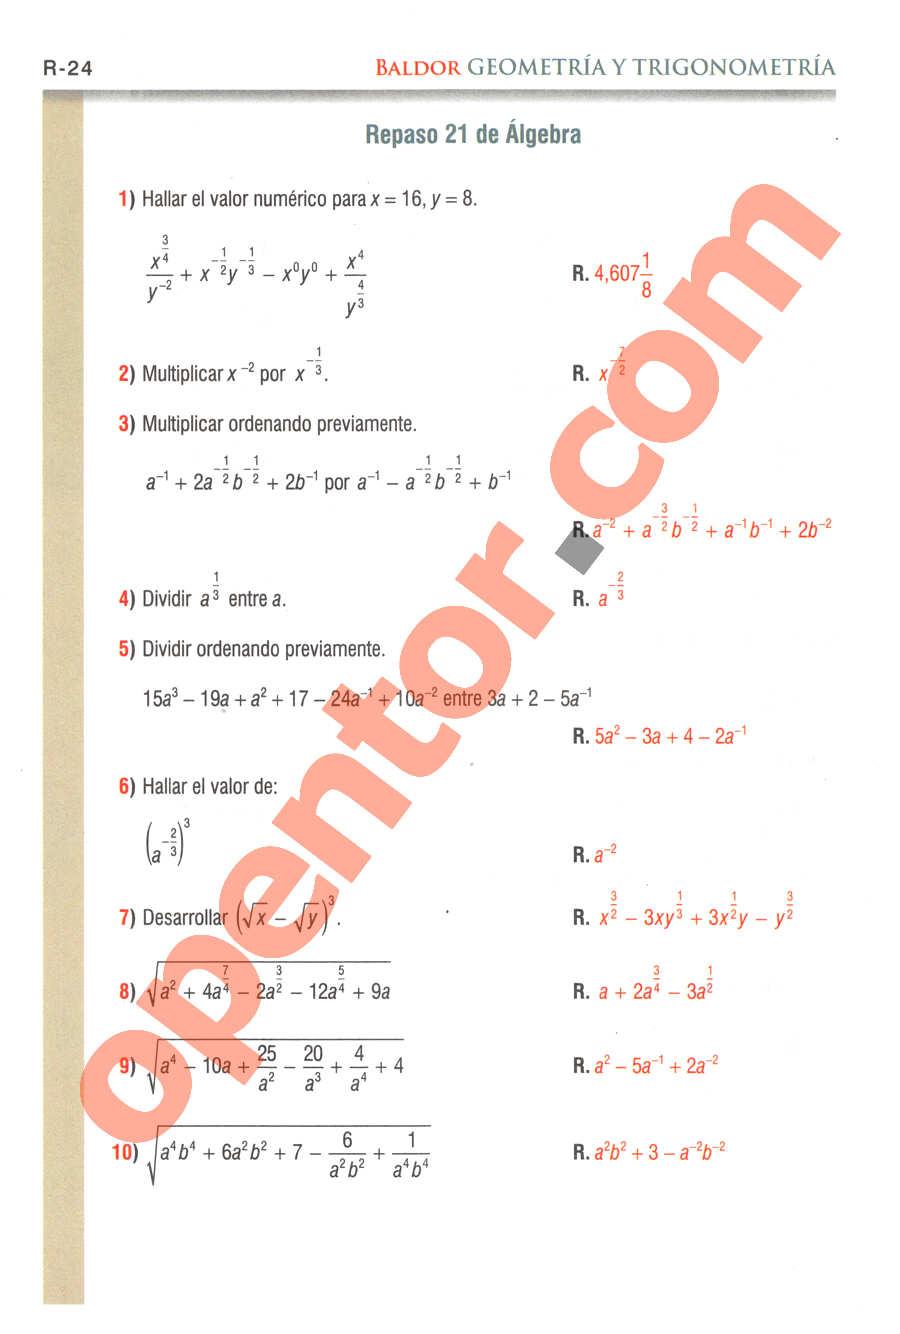 Geometría y Trigonometría de Baldor - Página R24